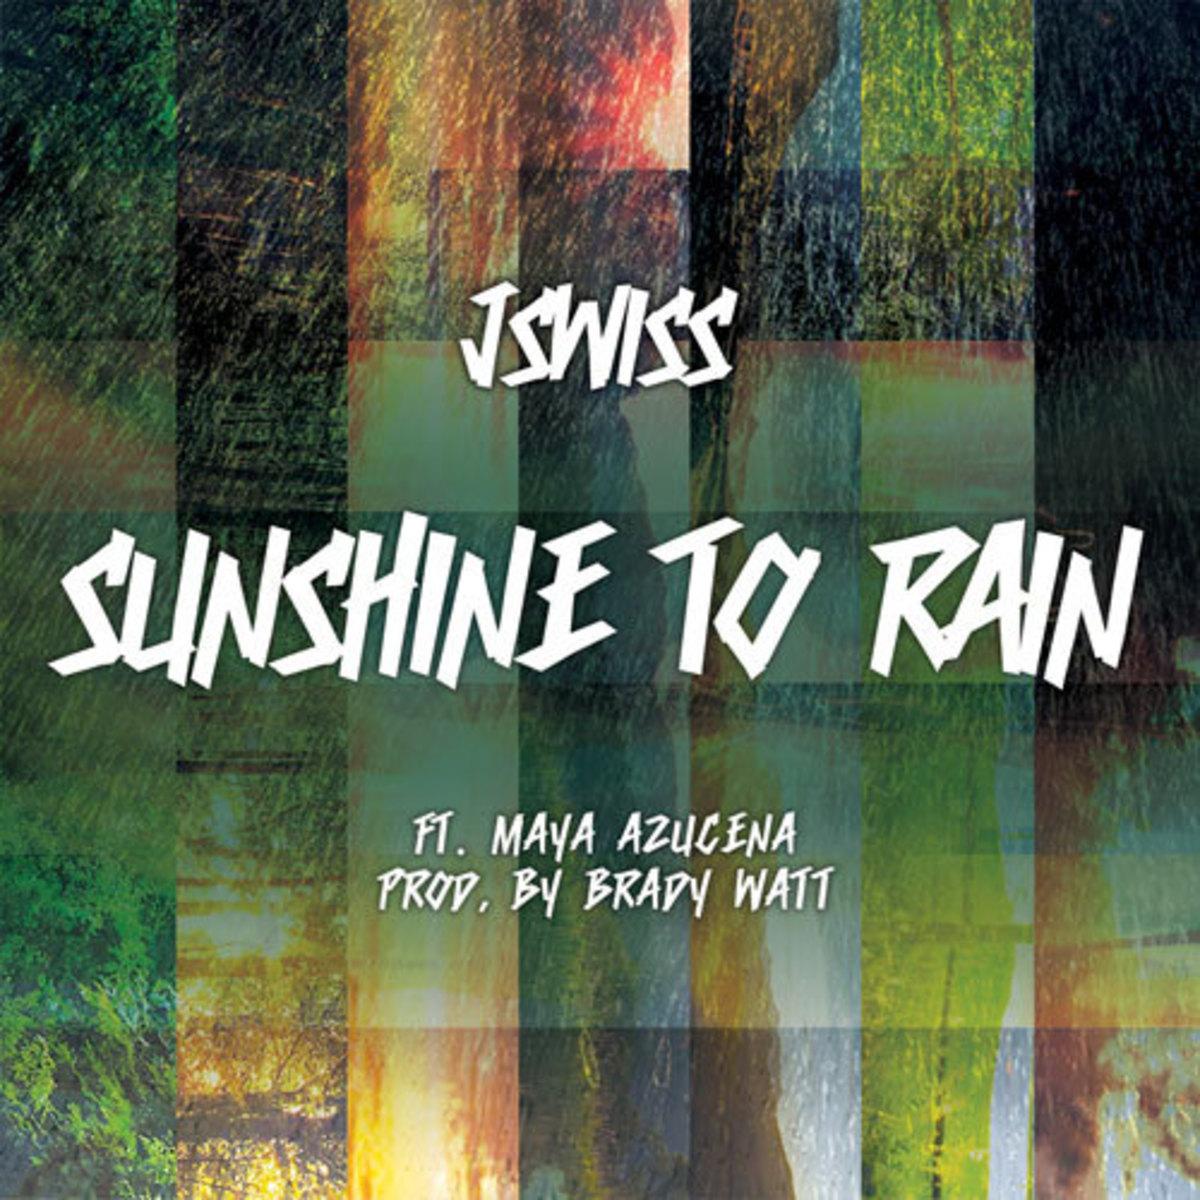 jswiss-sunshine-to-rain.jpg